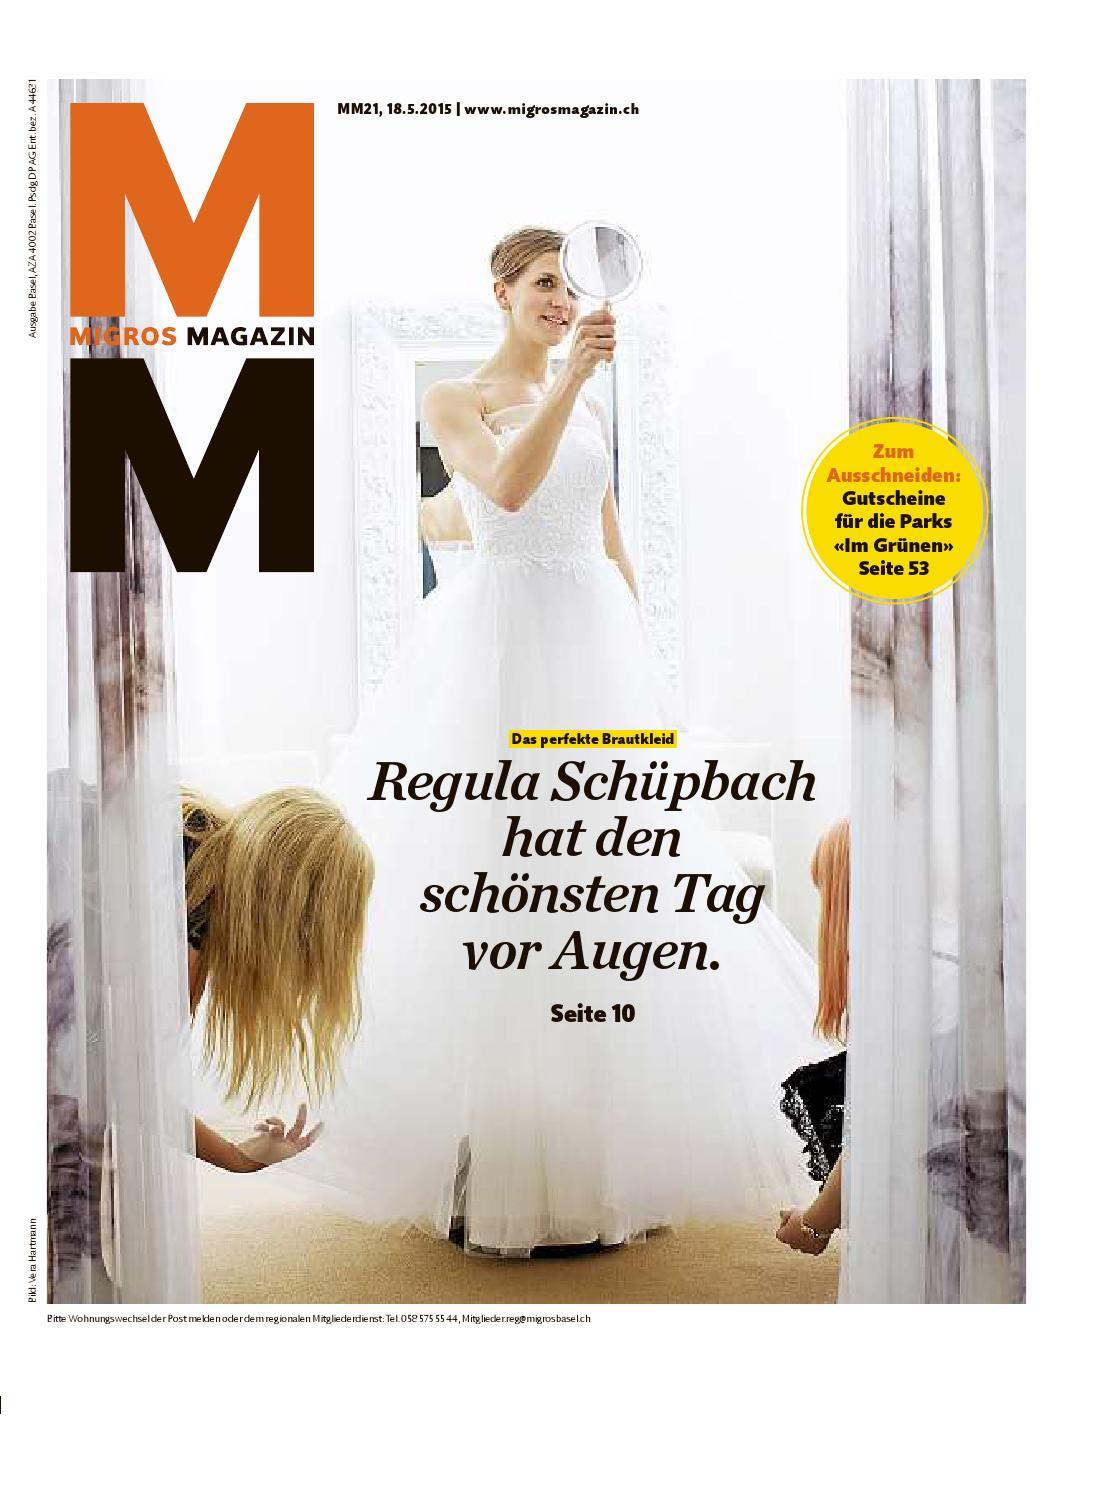 Migros magazin 21 2015 d bl by Migros-Genossenschafts-Bund - issuu